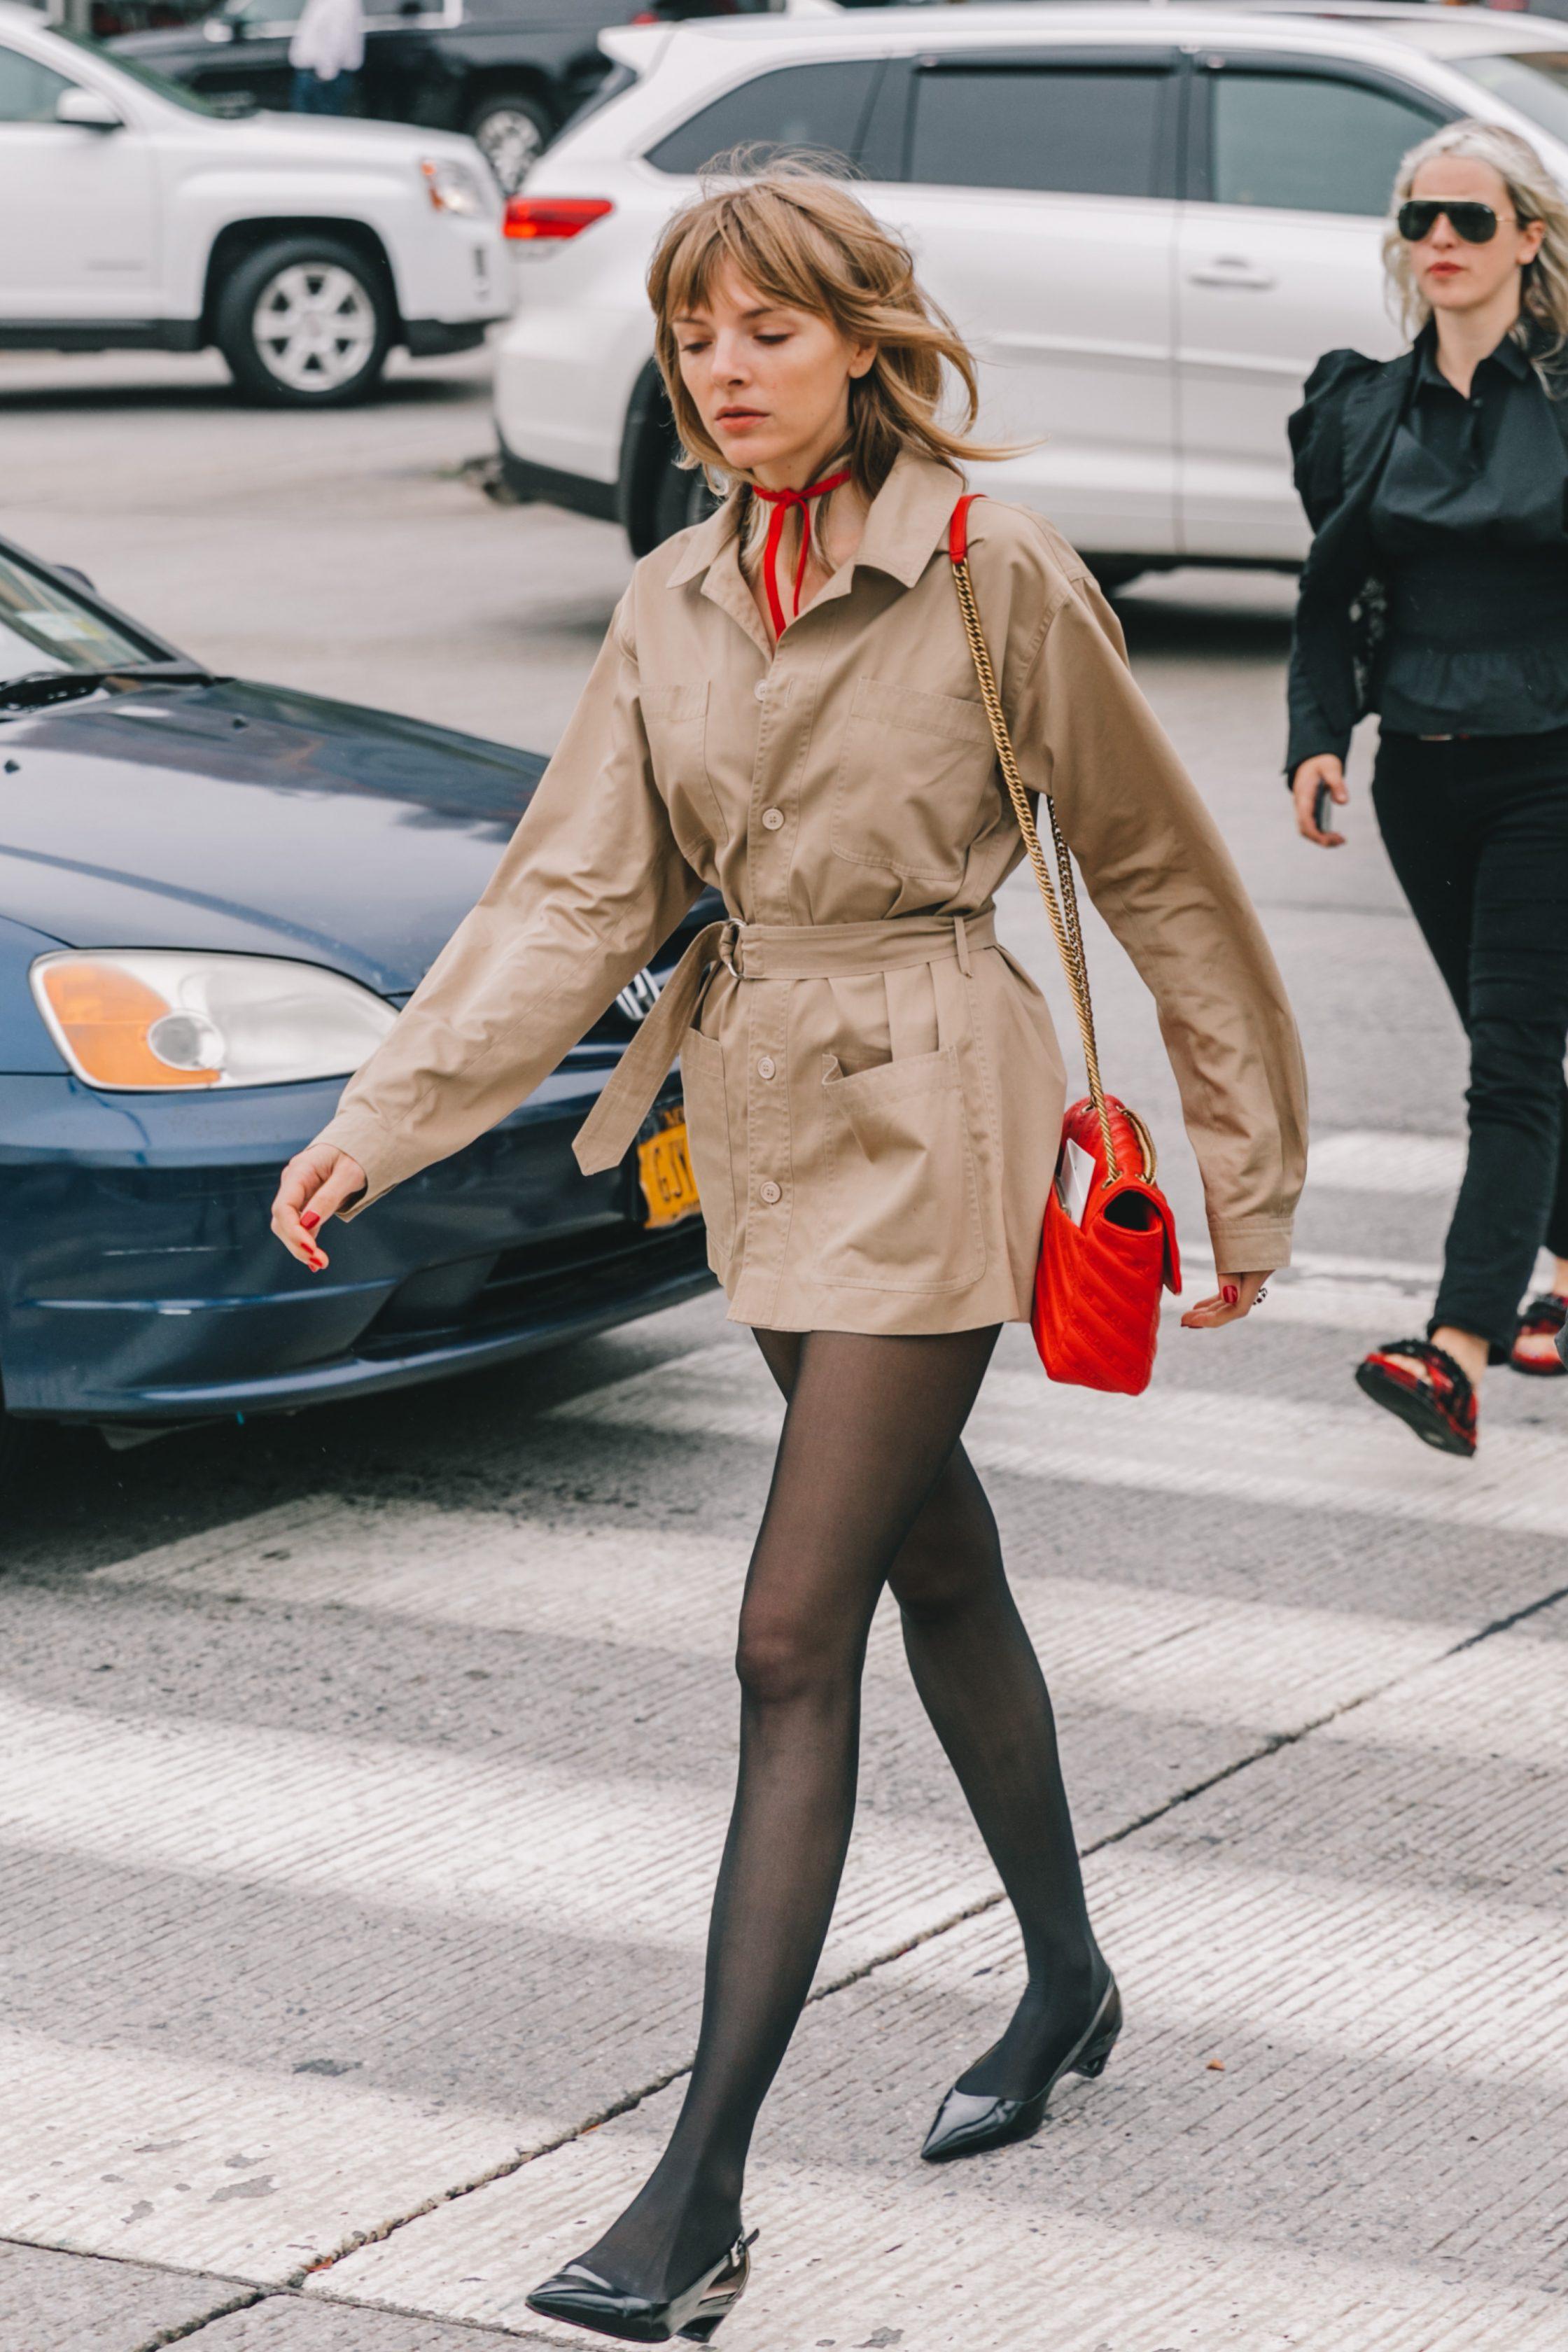 đầm sơmi màu beige choker đỏ túi xách chanel đỏ